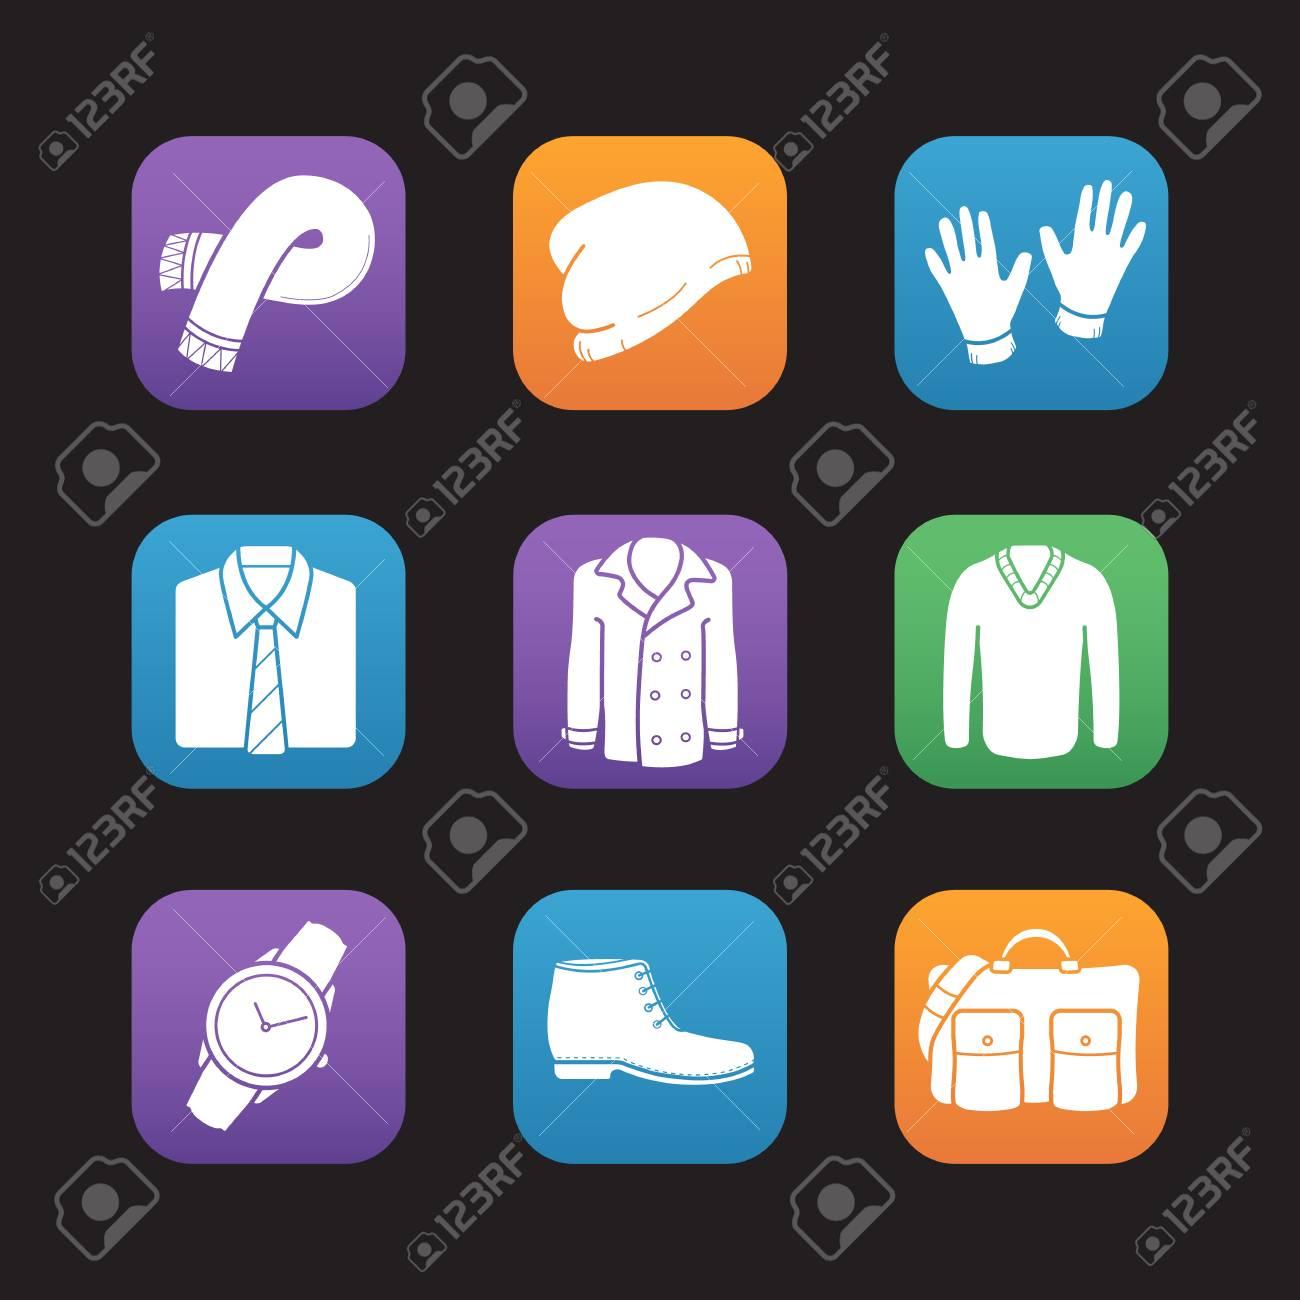 bc1f5eb7 Conjunto de iconos de diseño plano de moda de los hombres. Ropa y  accesorios. Bufanda, gorro de invierno, guantes, camisa y corbata, abrigo,  suéter, ...